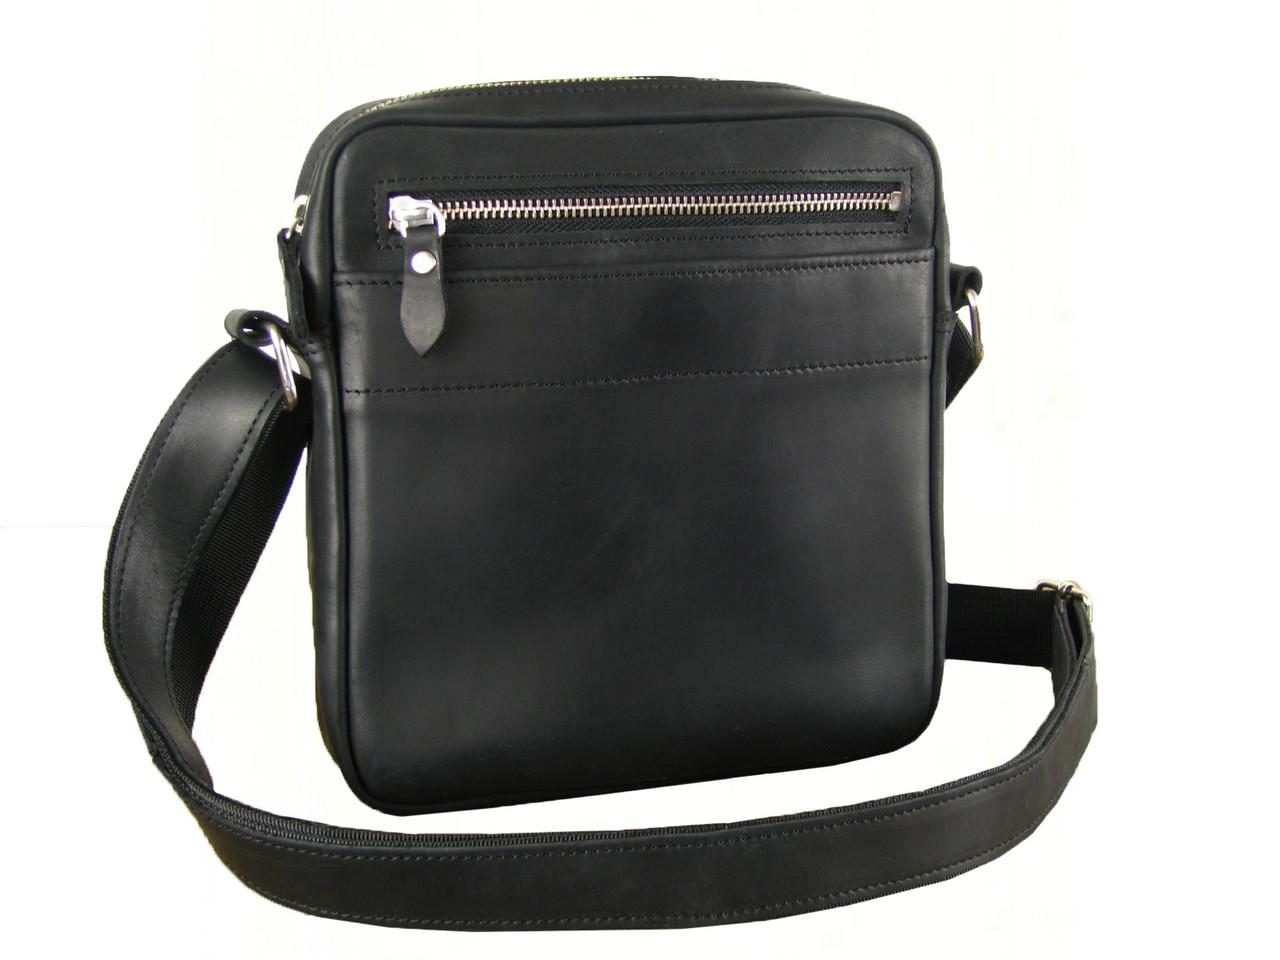 Мужская сумка через плечо GS натуральная кожа черная